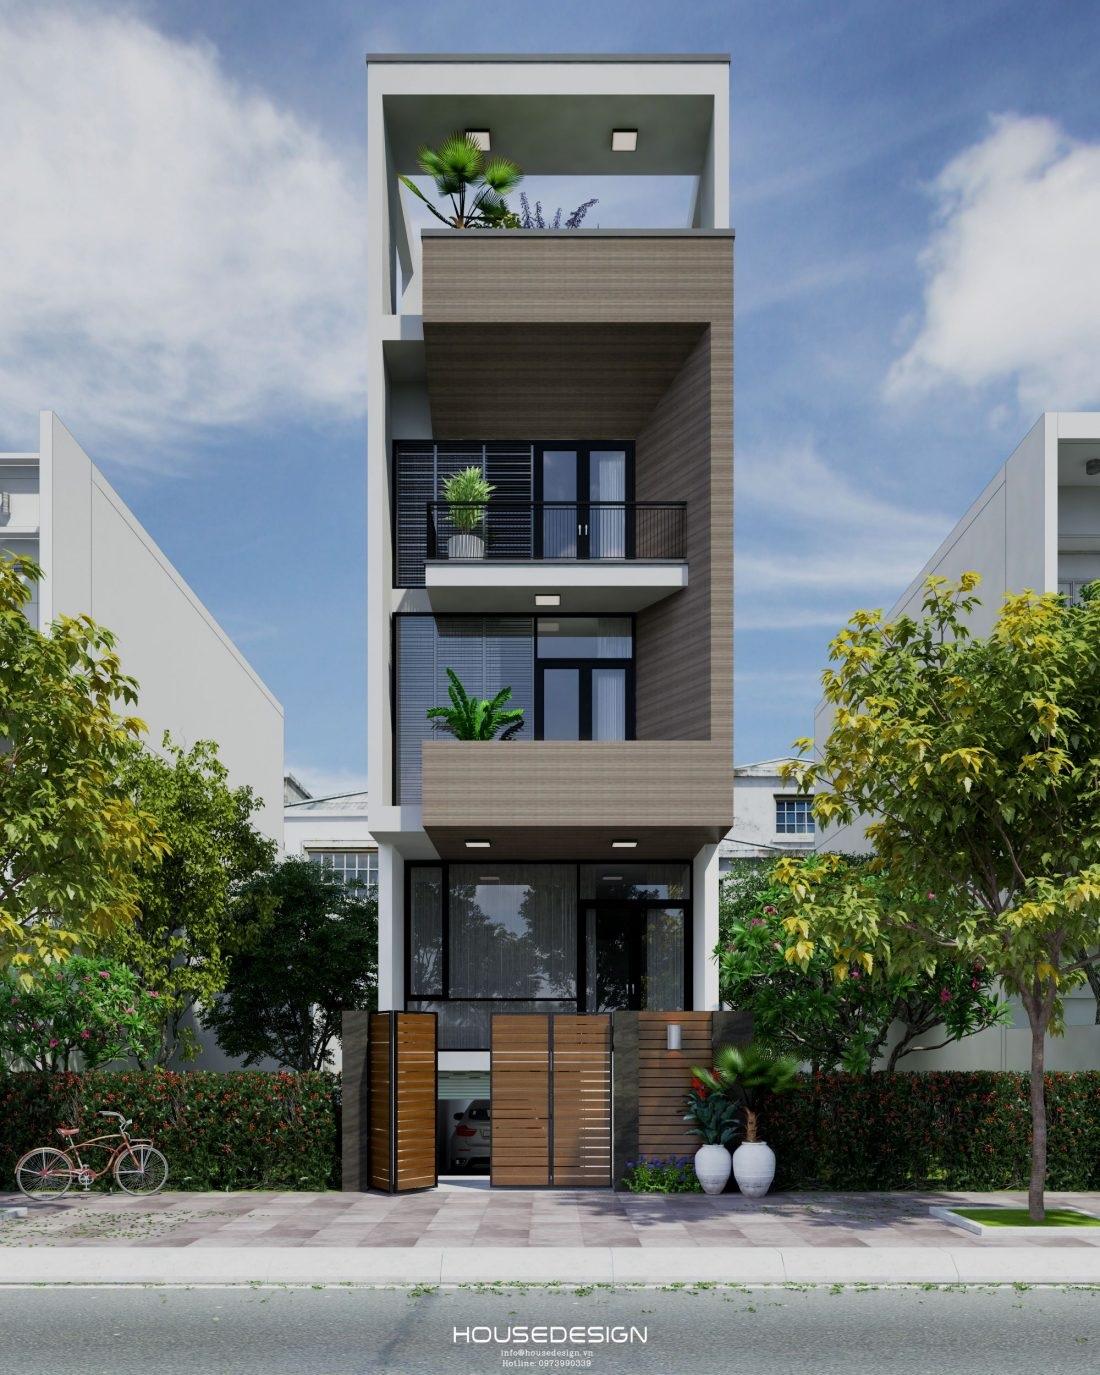 điều cấm kỵ khi xây nhà bạn phải biết - HouseDesign